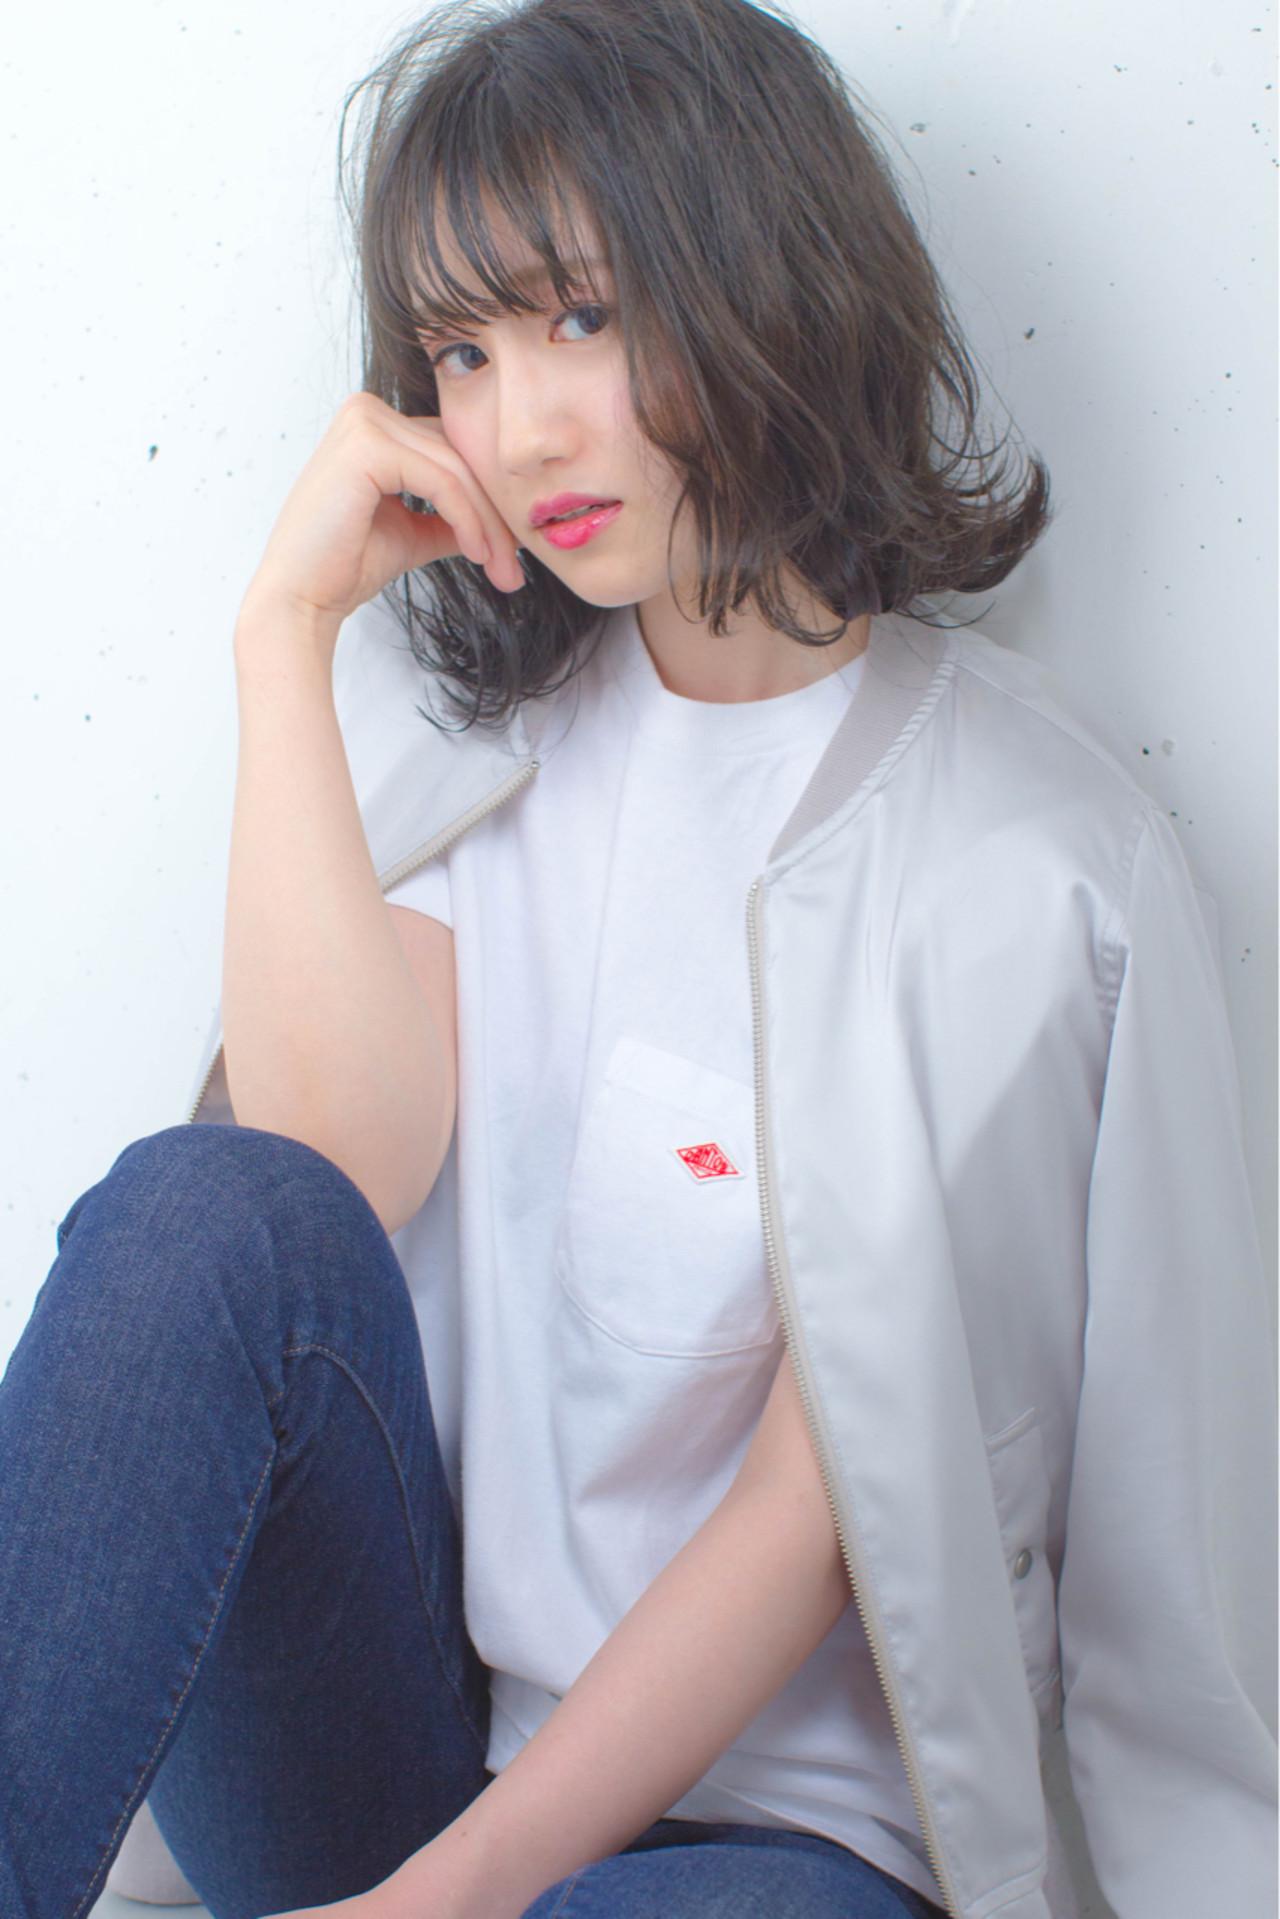 黒髪より魅力的。透明感のある「暗髪美人」をつくる方法  長谷川 聖太